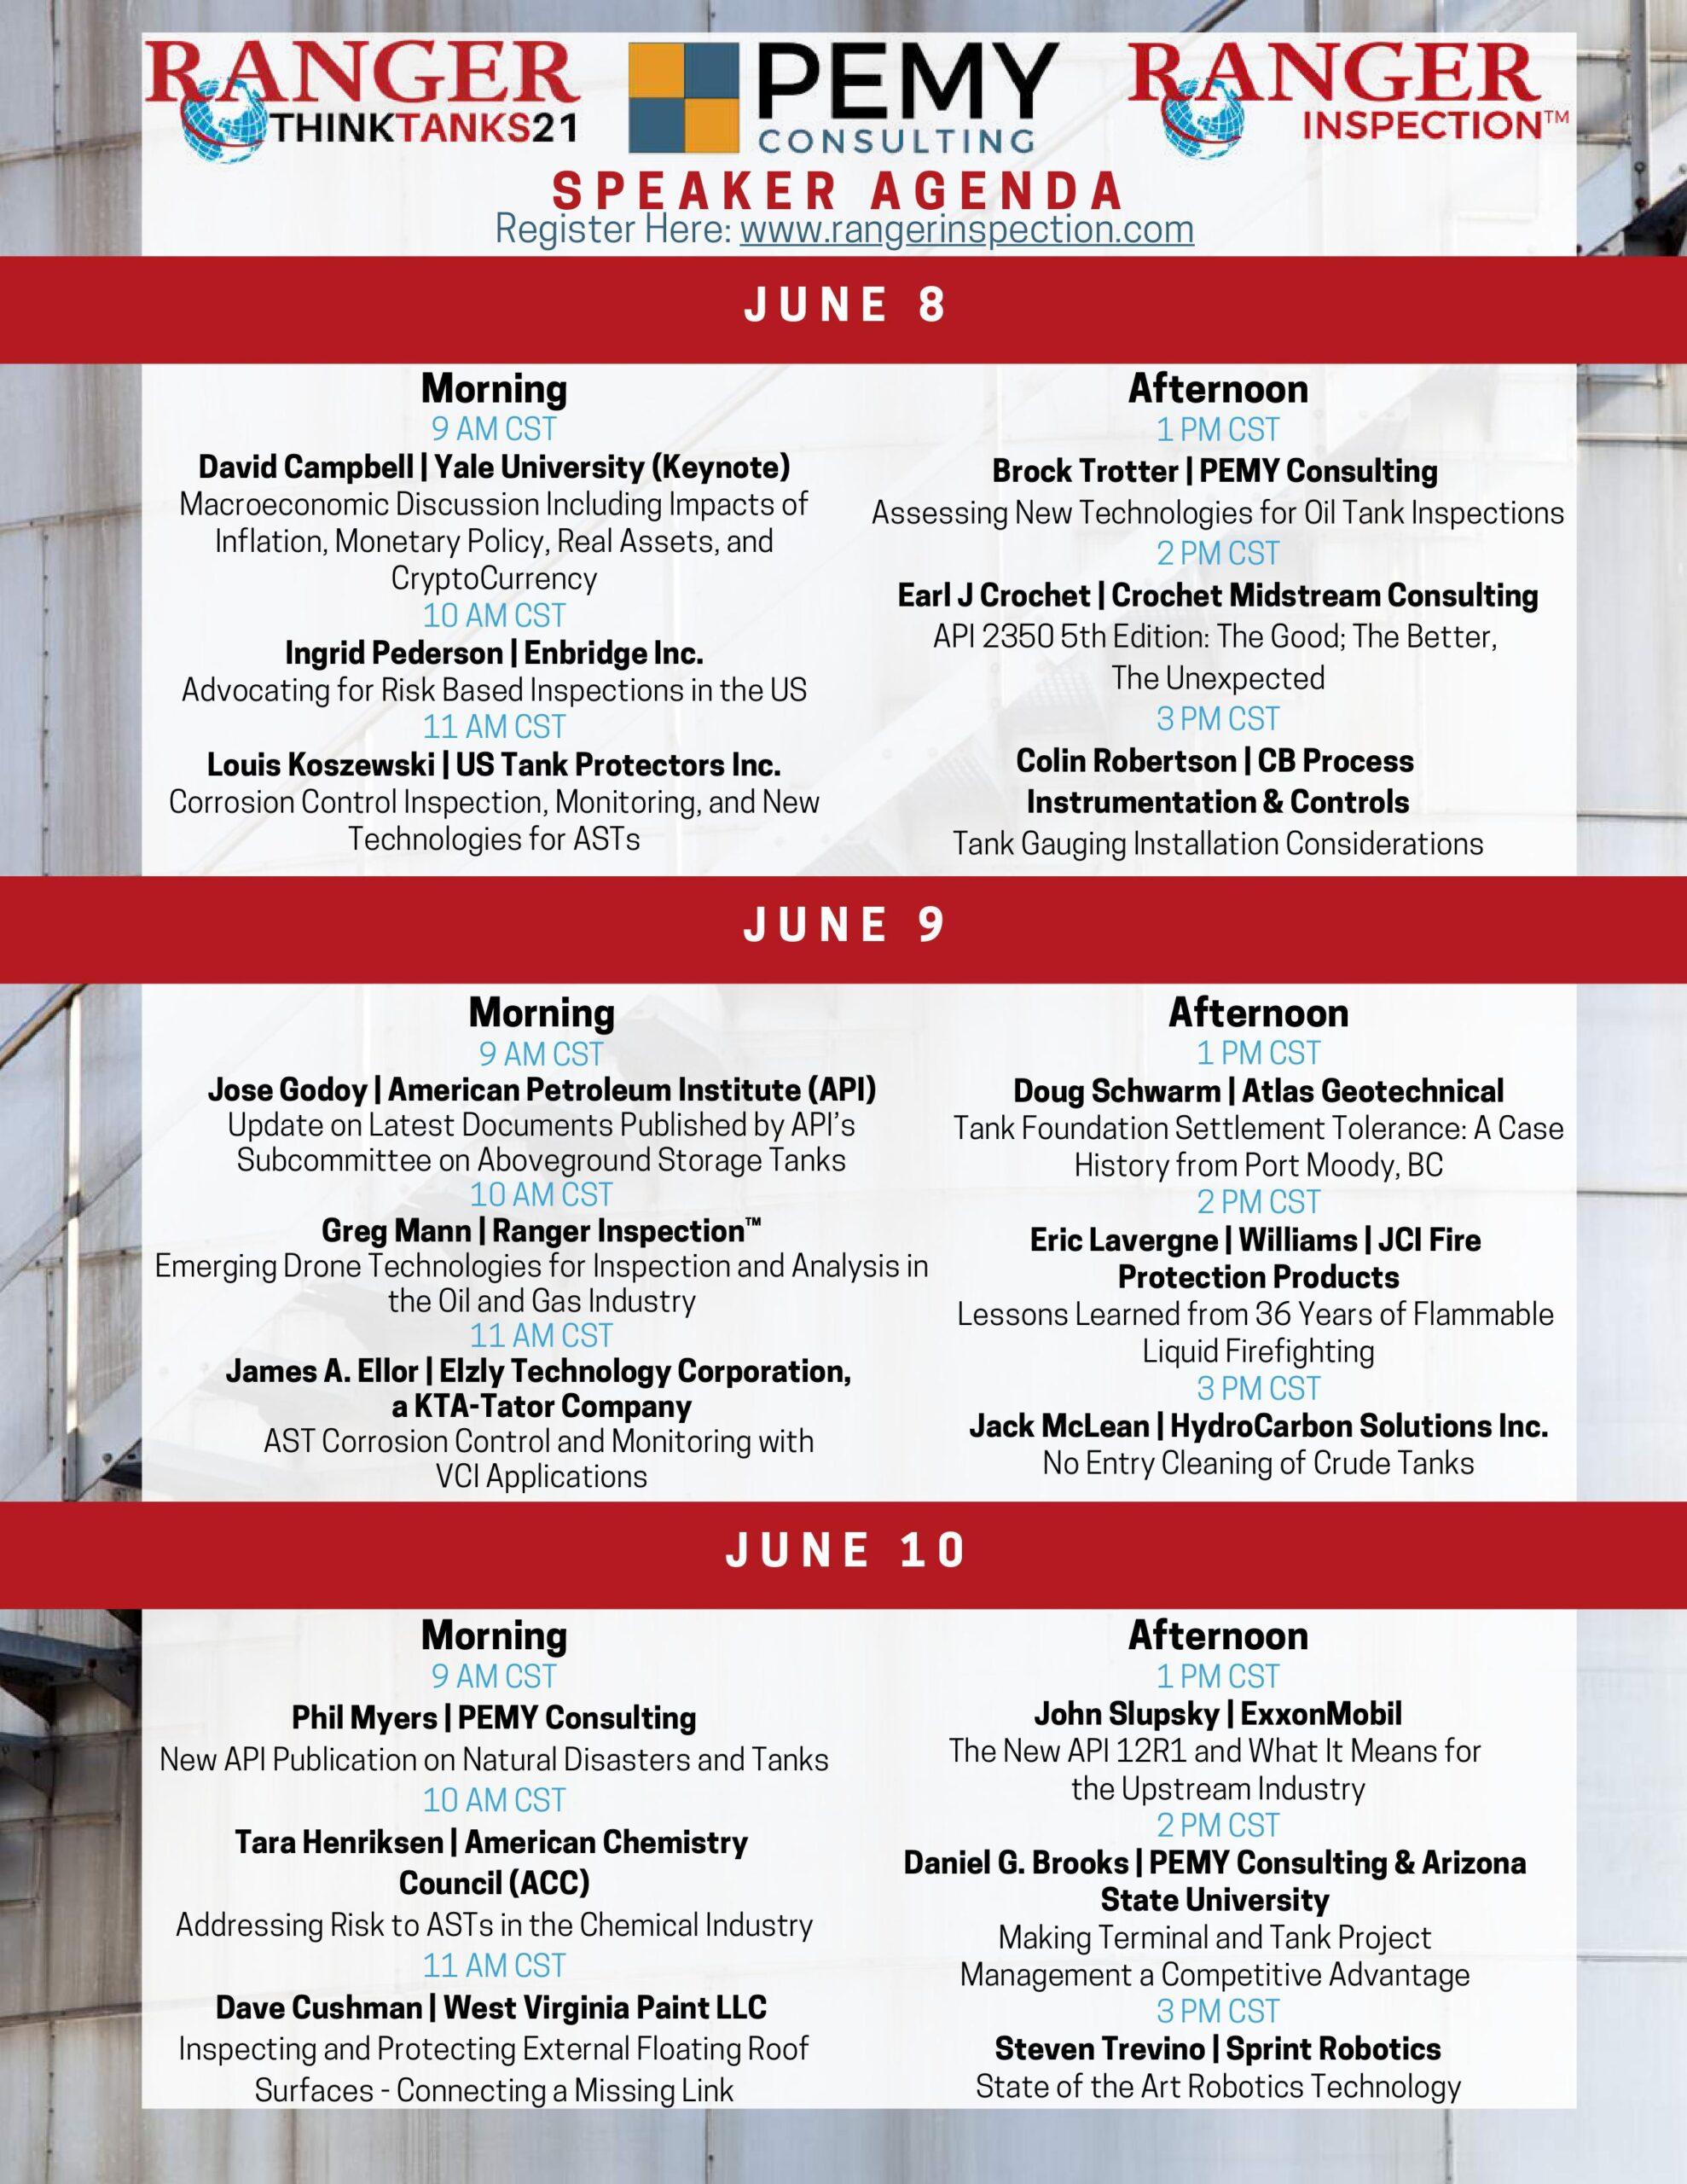 Think Tanks 21 Speaker Agenda